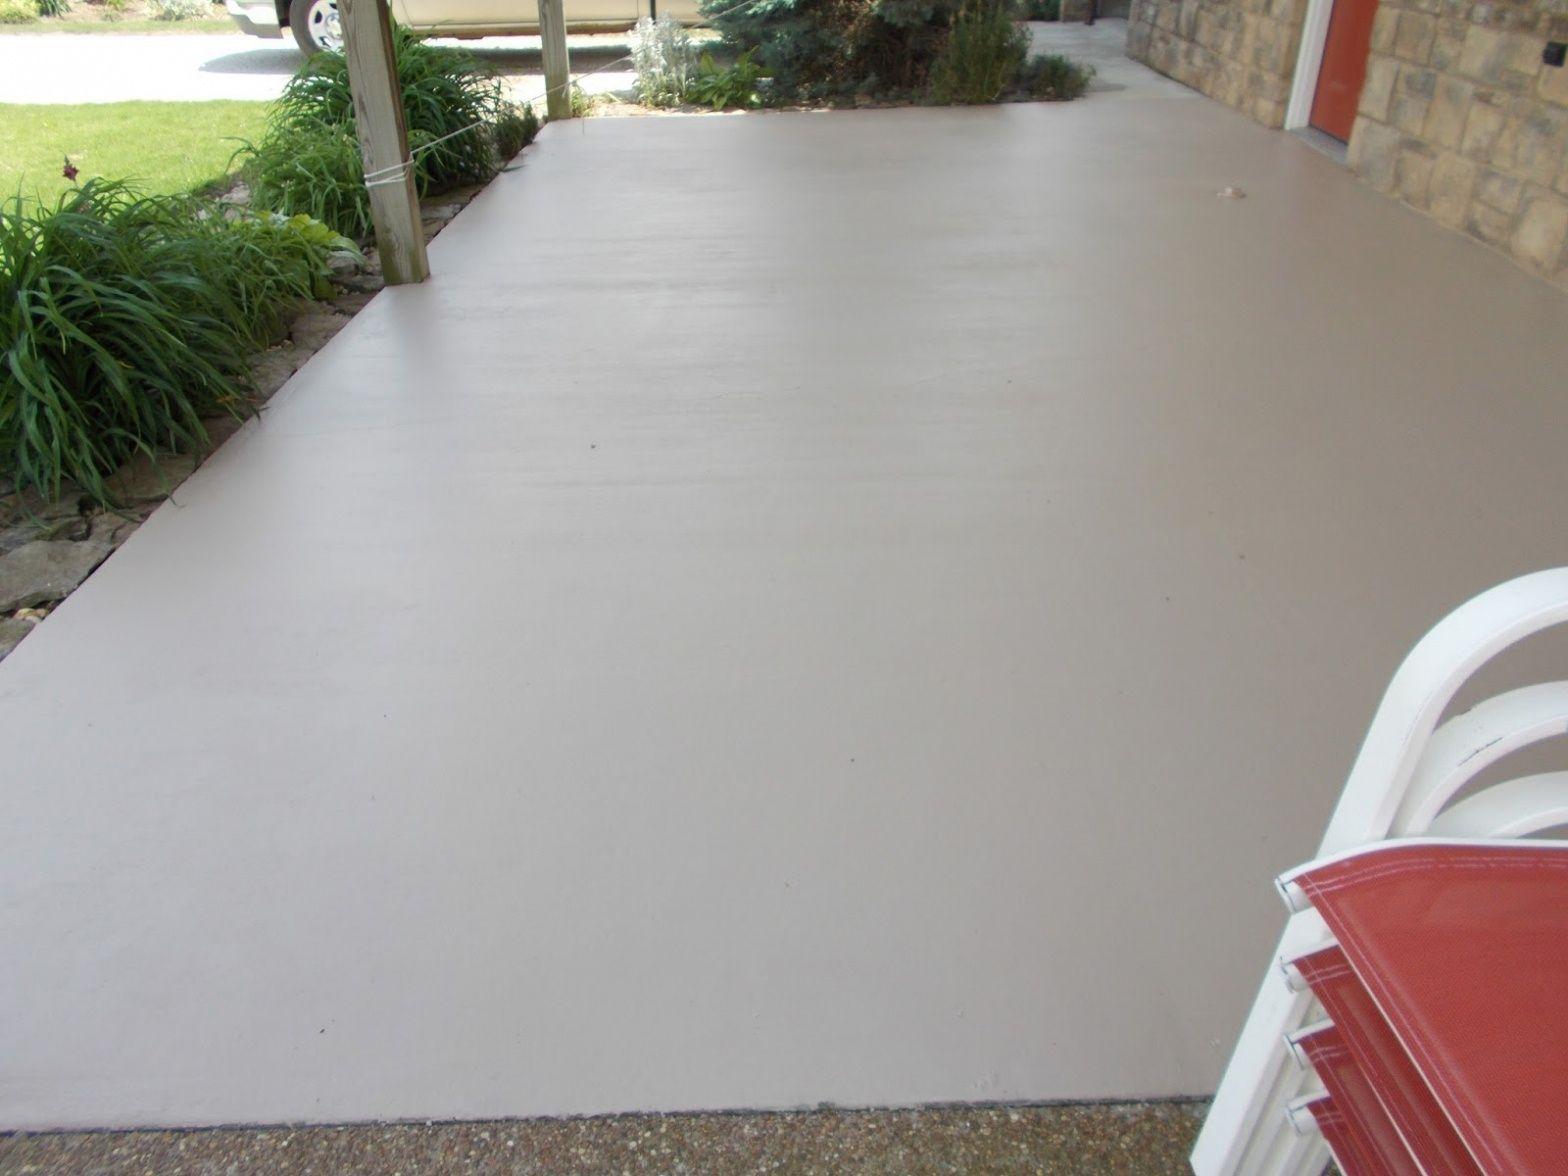 Best Of Concrete Patio Paint Colors Ideas Bw153w Https Sanantoniohomeinspector Biz Best Of Concrete Patio Porch And Patio Paint Painted Patio Concrete Patio